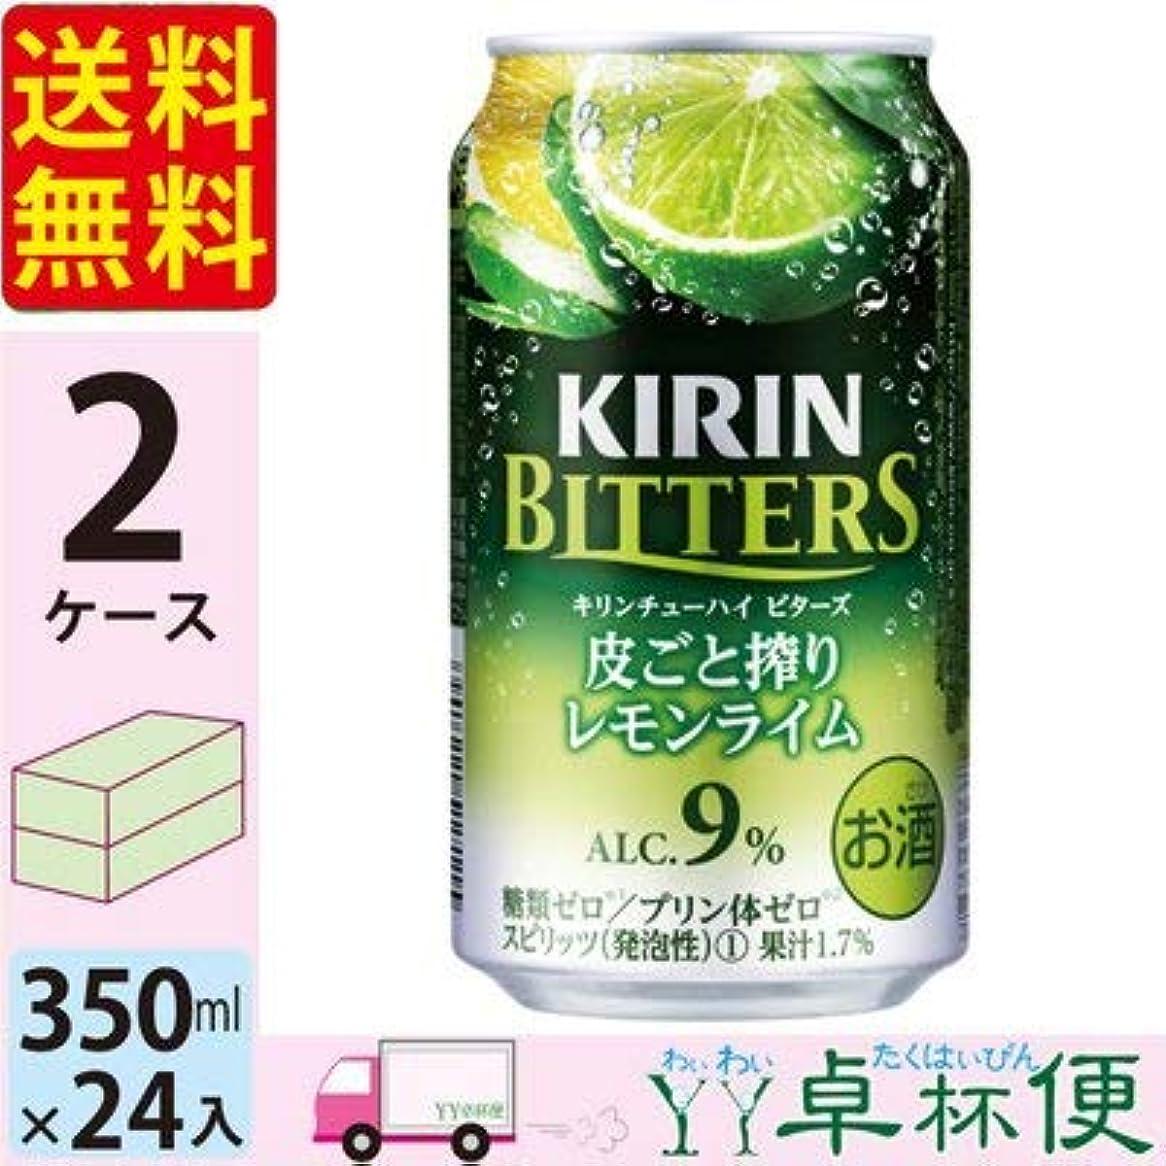 背の高い練習感じキリンビール チューハイ ビターズ 皮ごと搾りレモンライム 350ml缶×2ケース(48本)